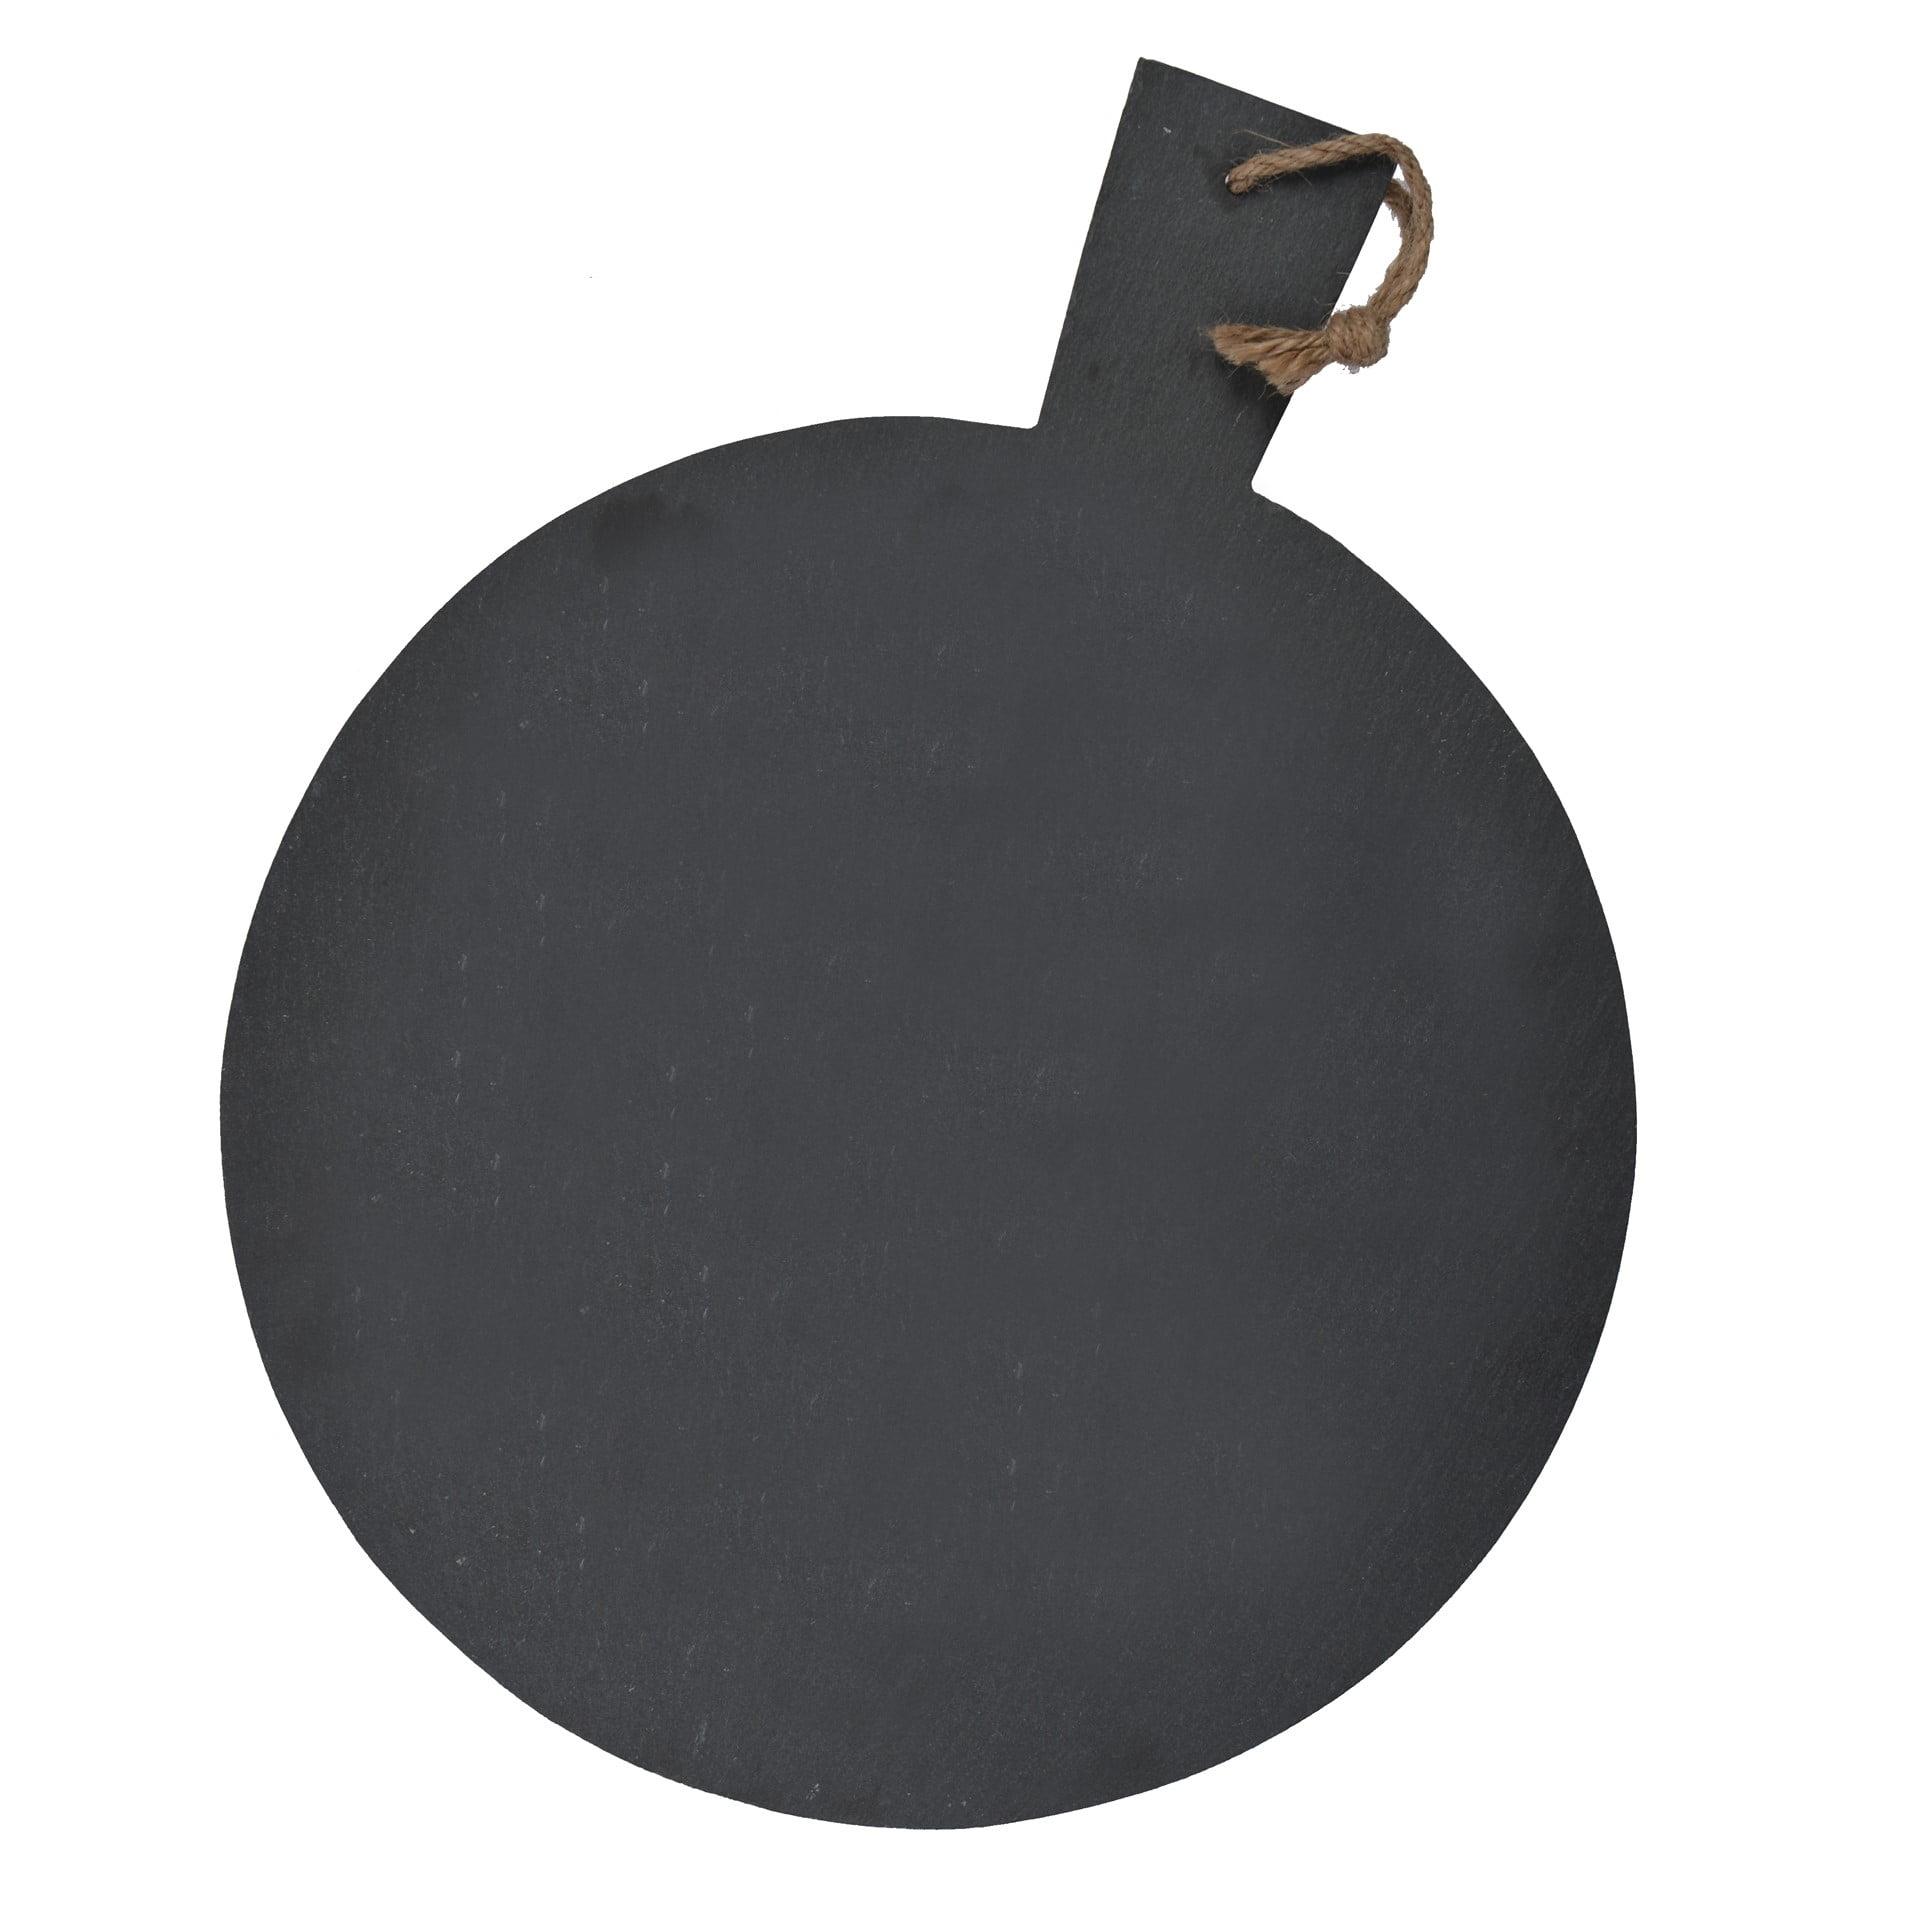 Garden Trading Servírovací prkénko na pizzu 35cm, černá barva, kámen